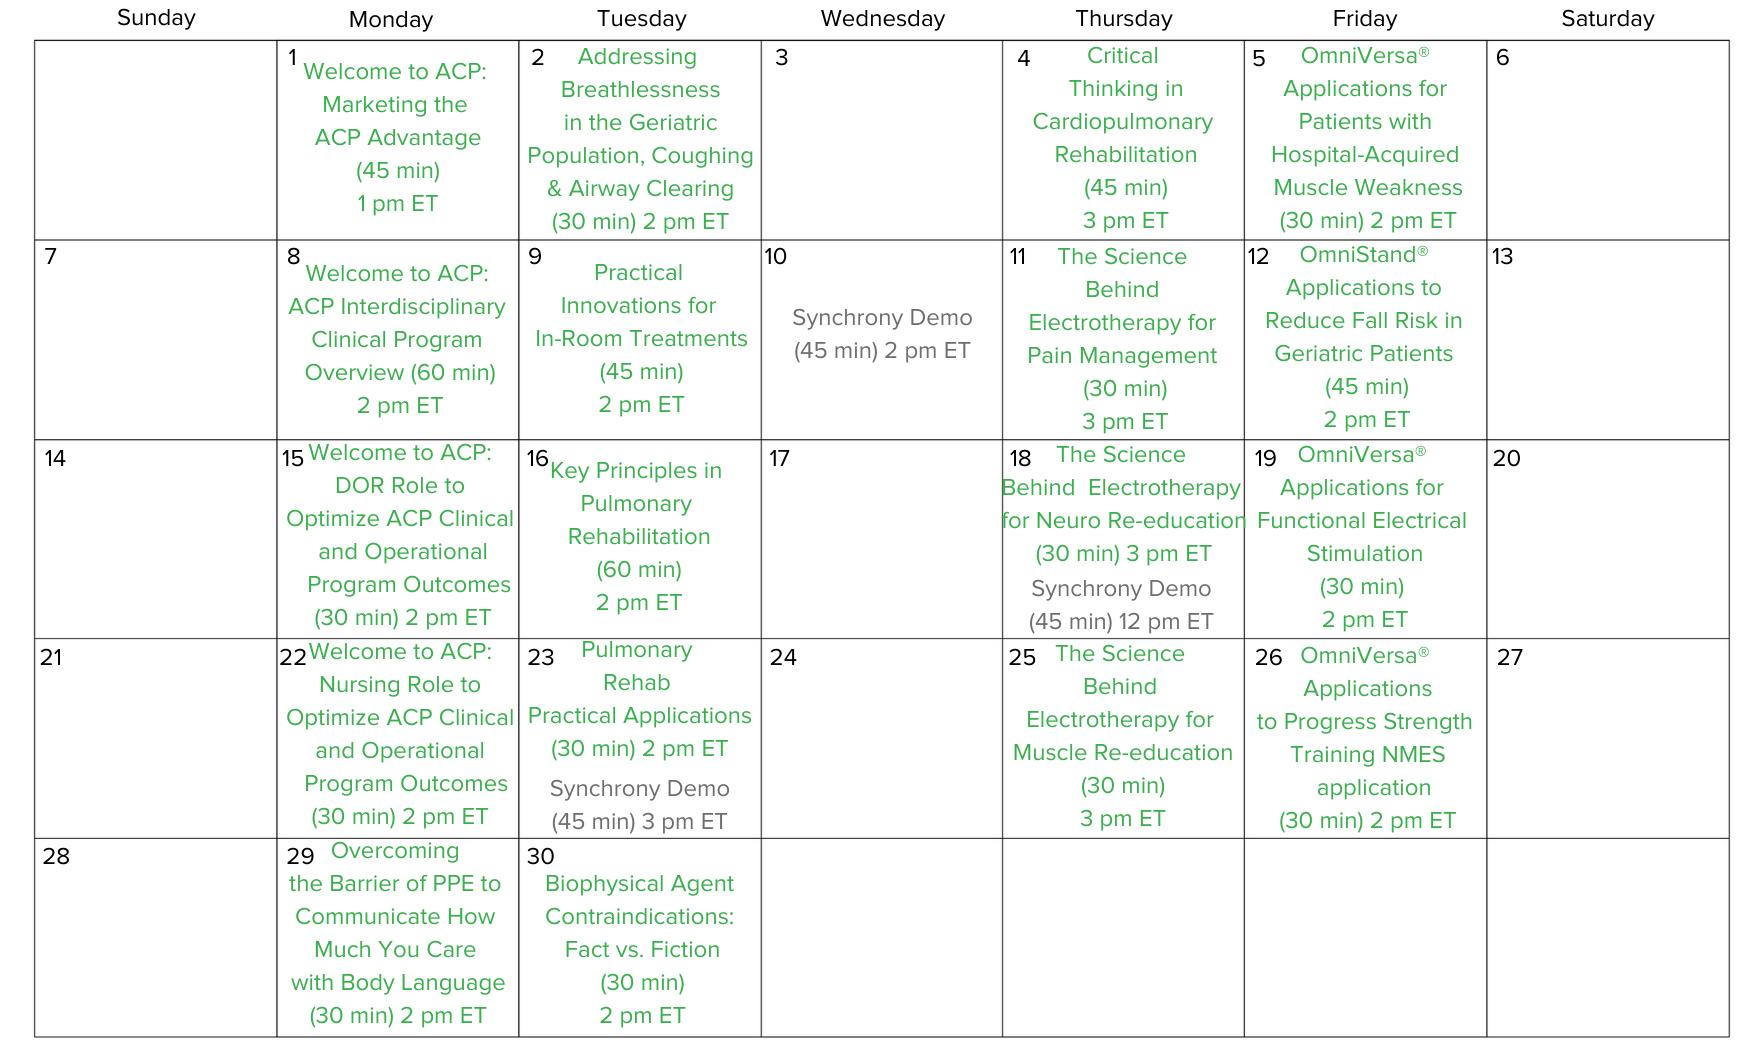 June 2020 Public calendar_cropped for HubSpot